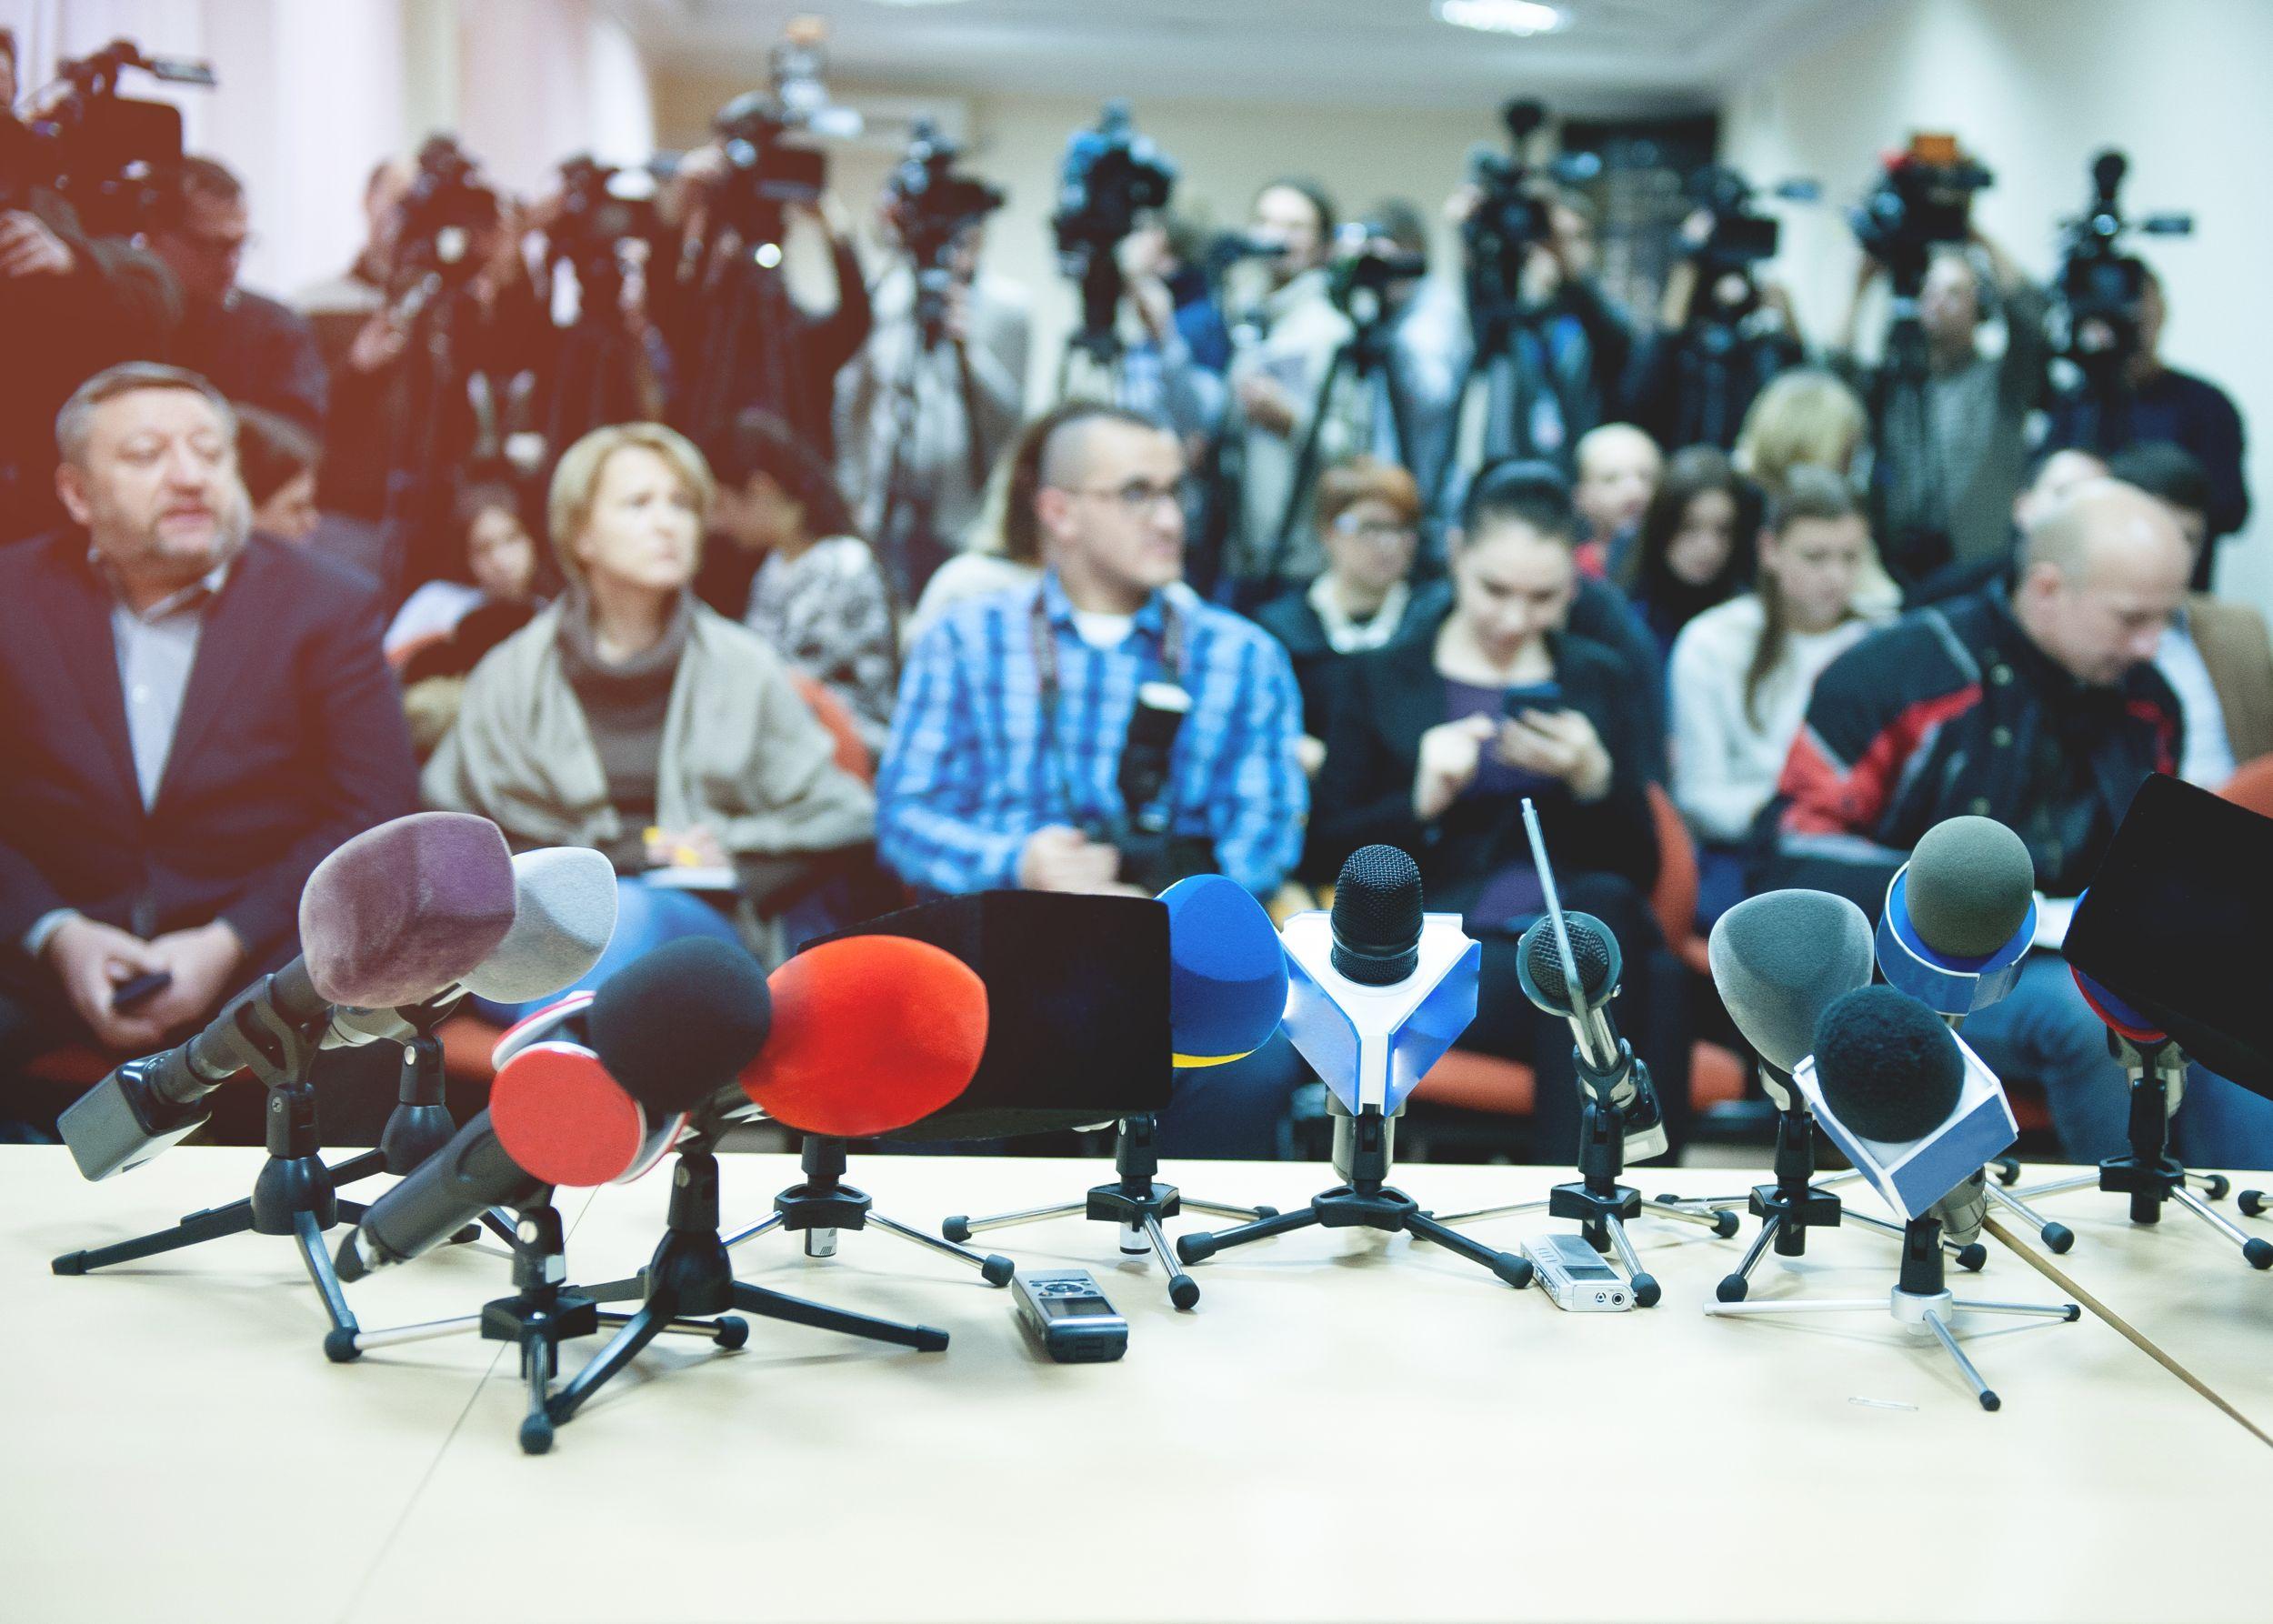 ЦБТ подвёл итоги 2020 года: Взаимодействие со СМИ было особенно интенсивным  - фото 1